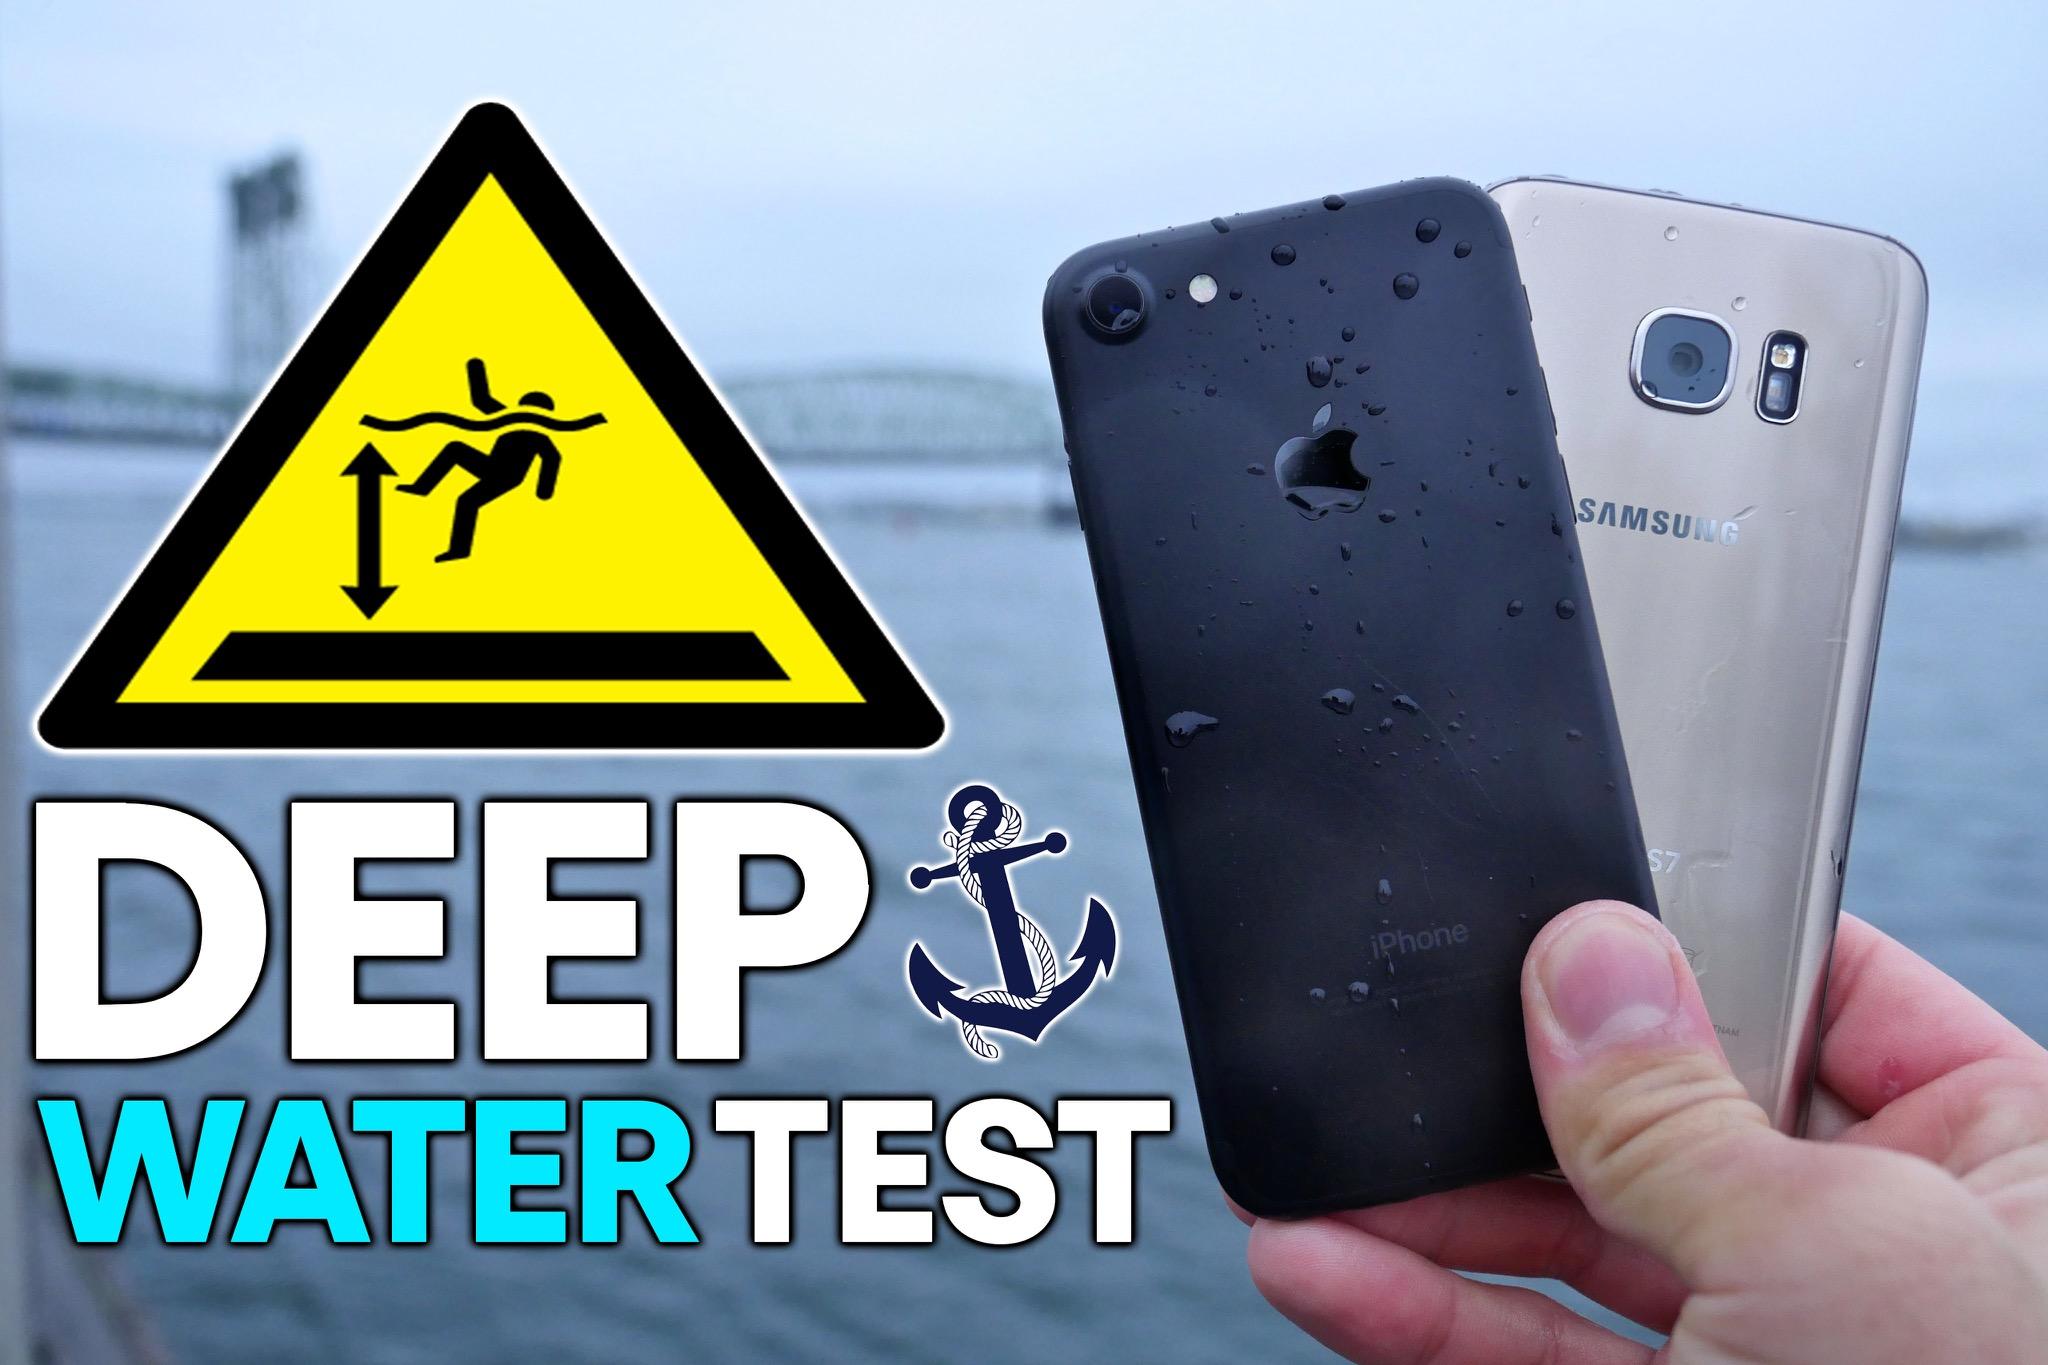 Vídeo testando a resistência do iPhone 7 e do Galaxy S7